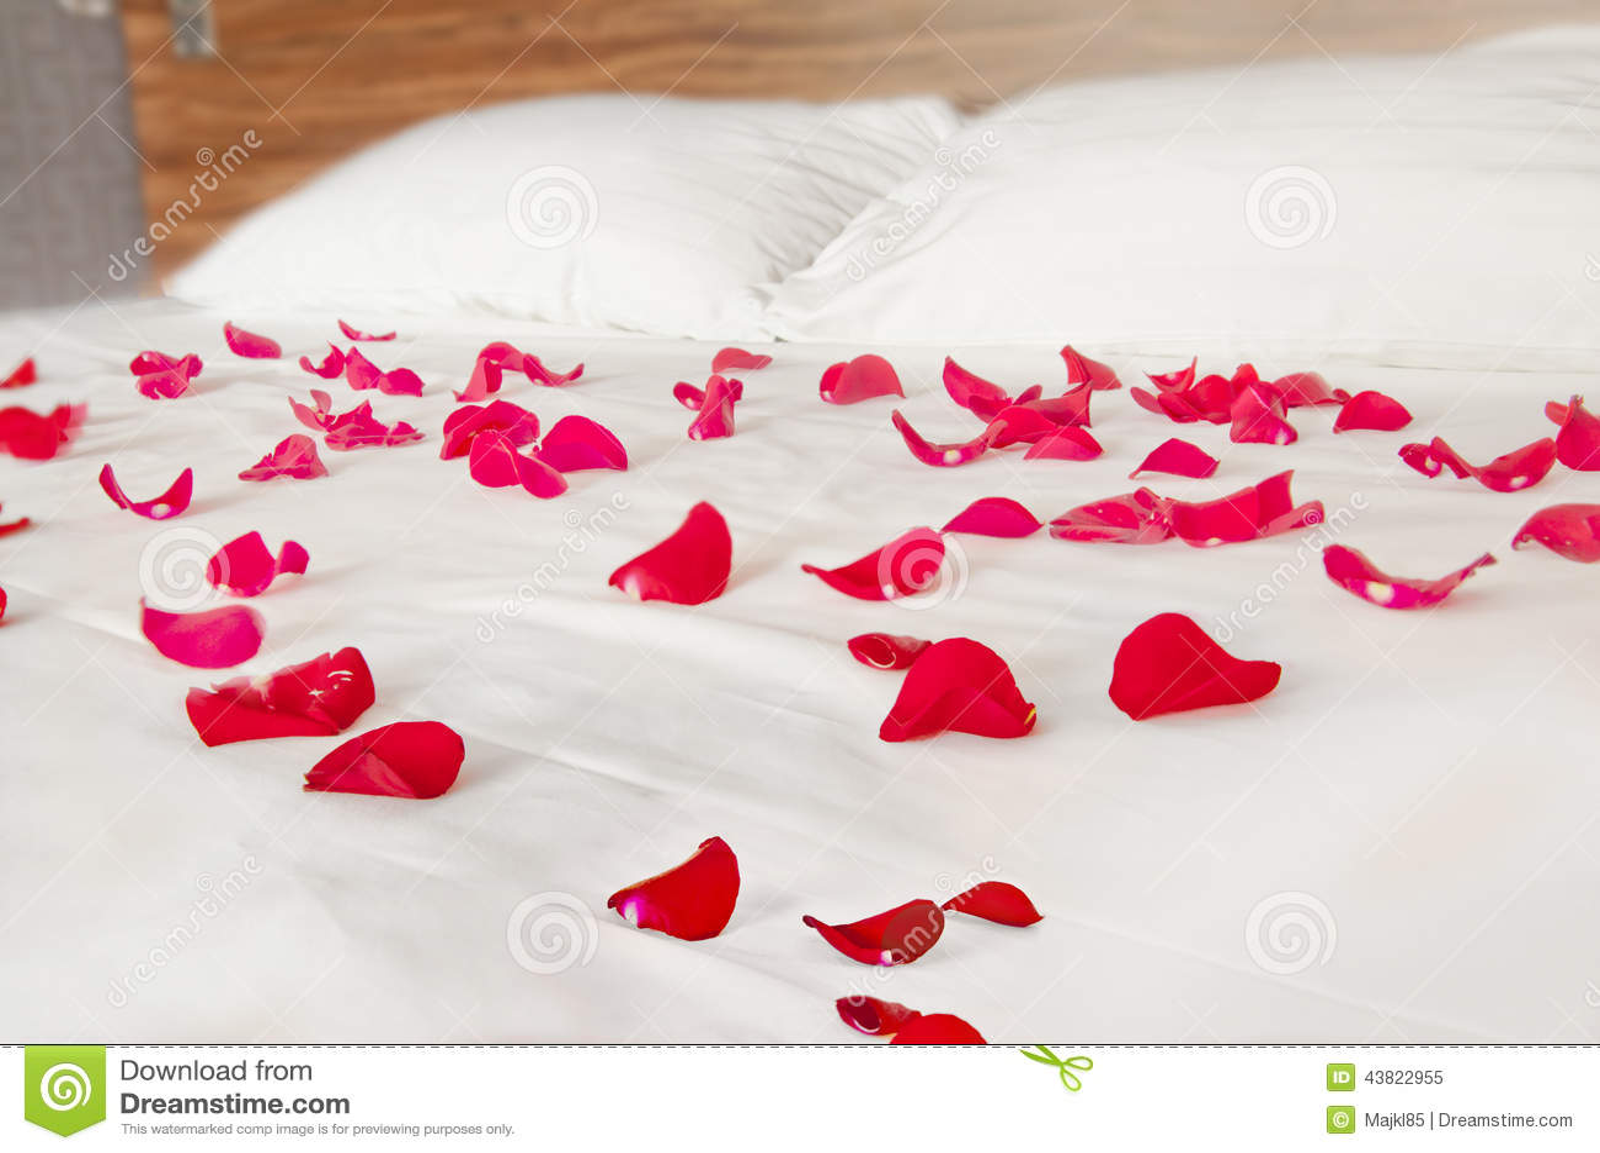 Pétalas De Rosa No Fundamento Branco Cenário Romântico  ~ Quarto Romantico Com Petalas